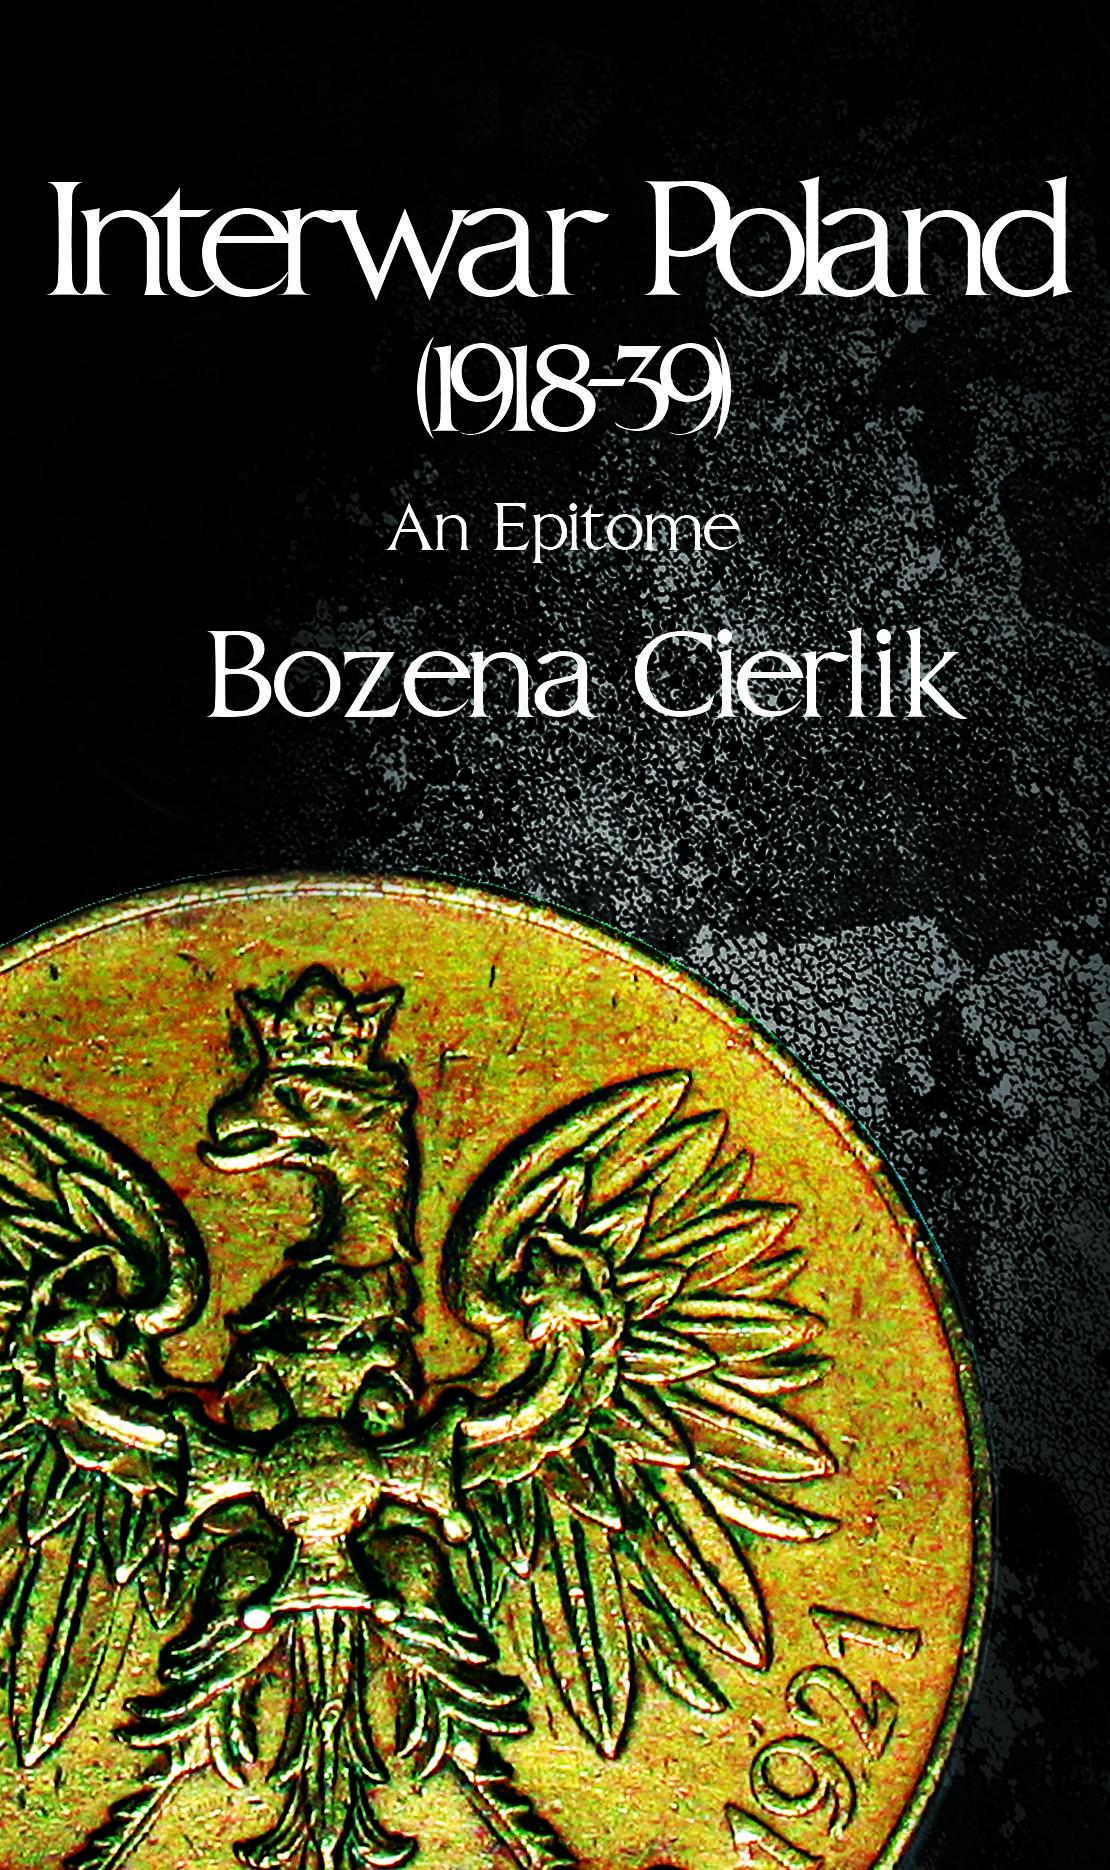 Interwar Poland (1918-39)